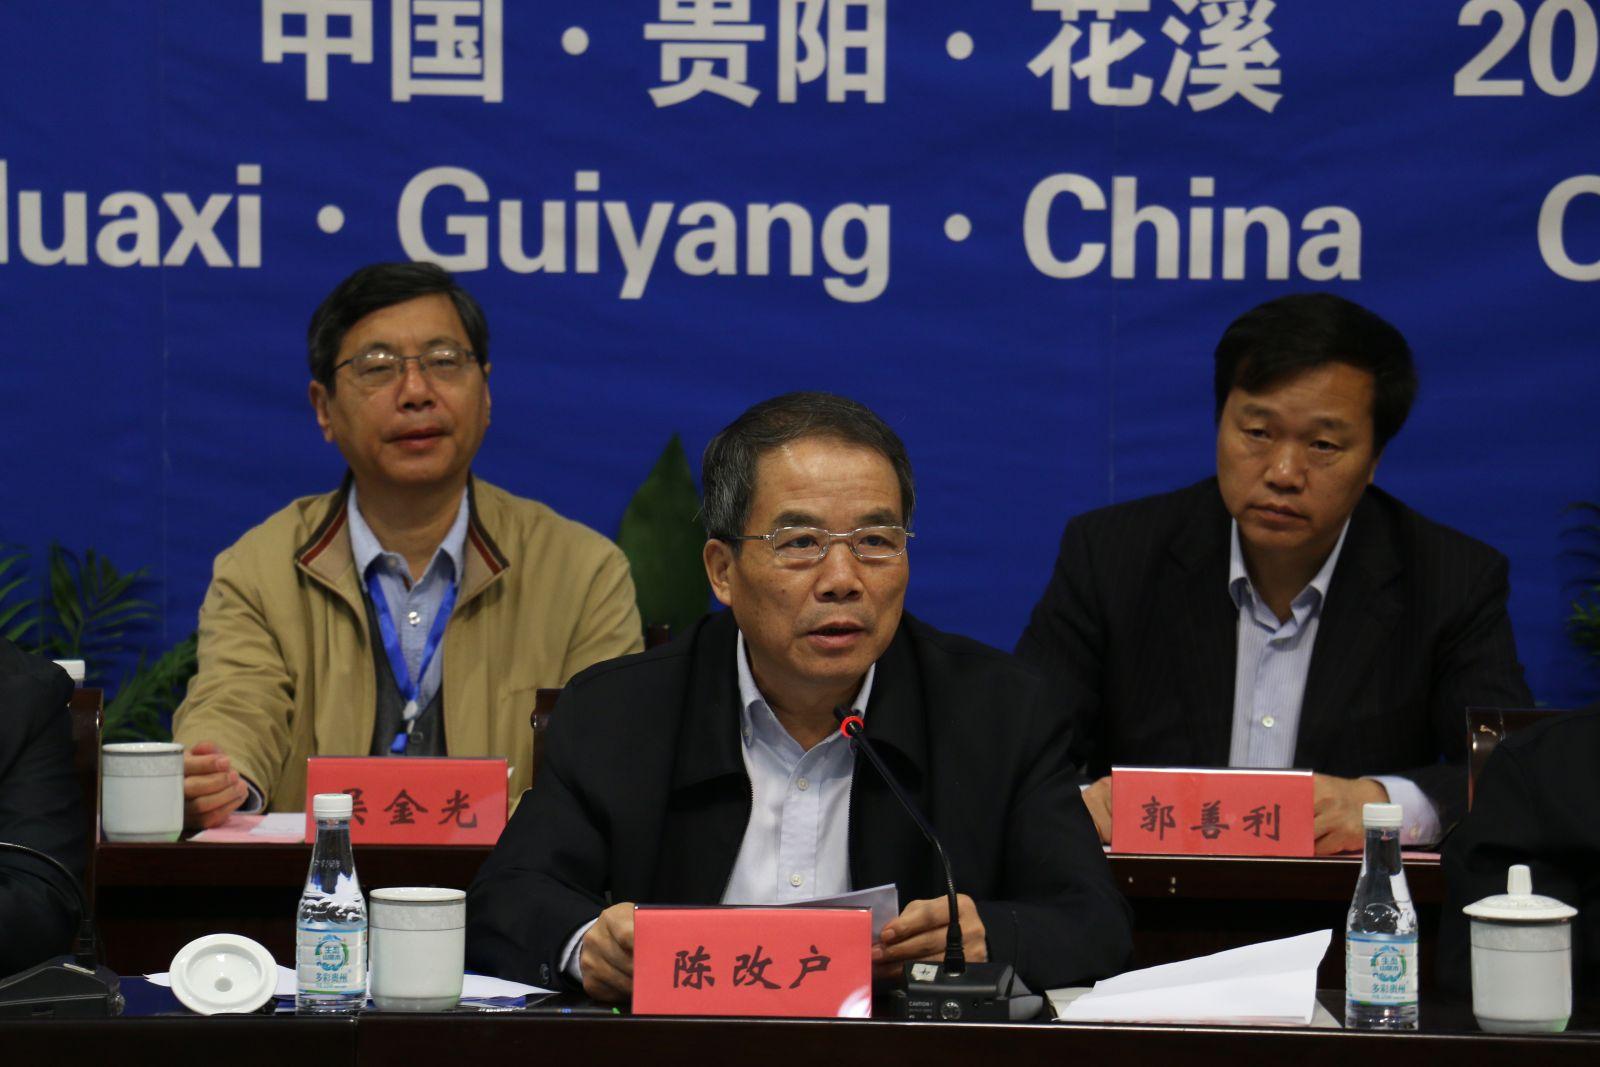 国家民委副主任陈改户出席开幕式并讲话